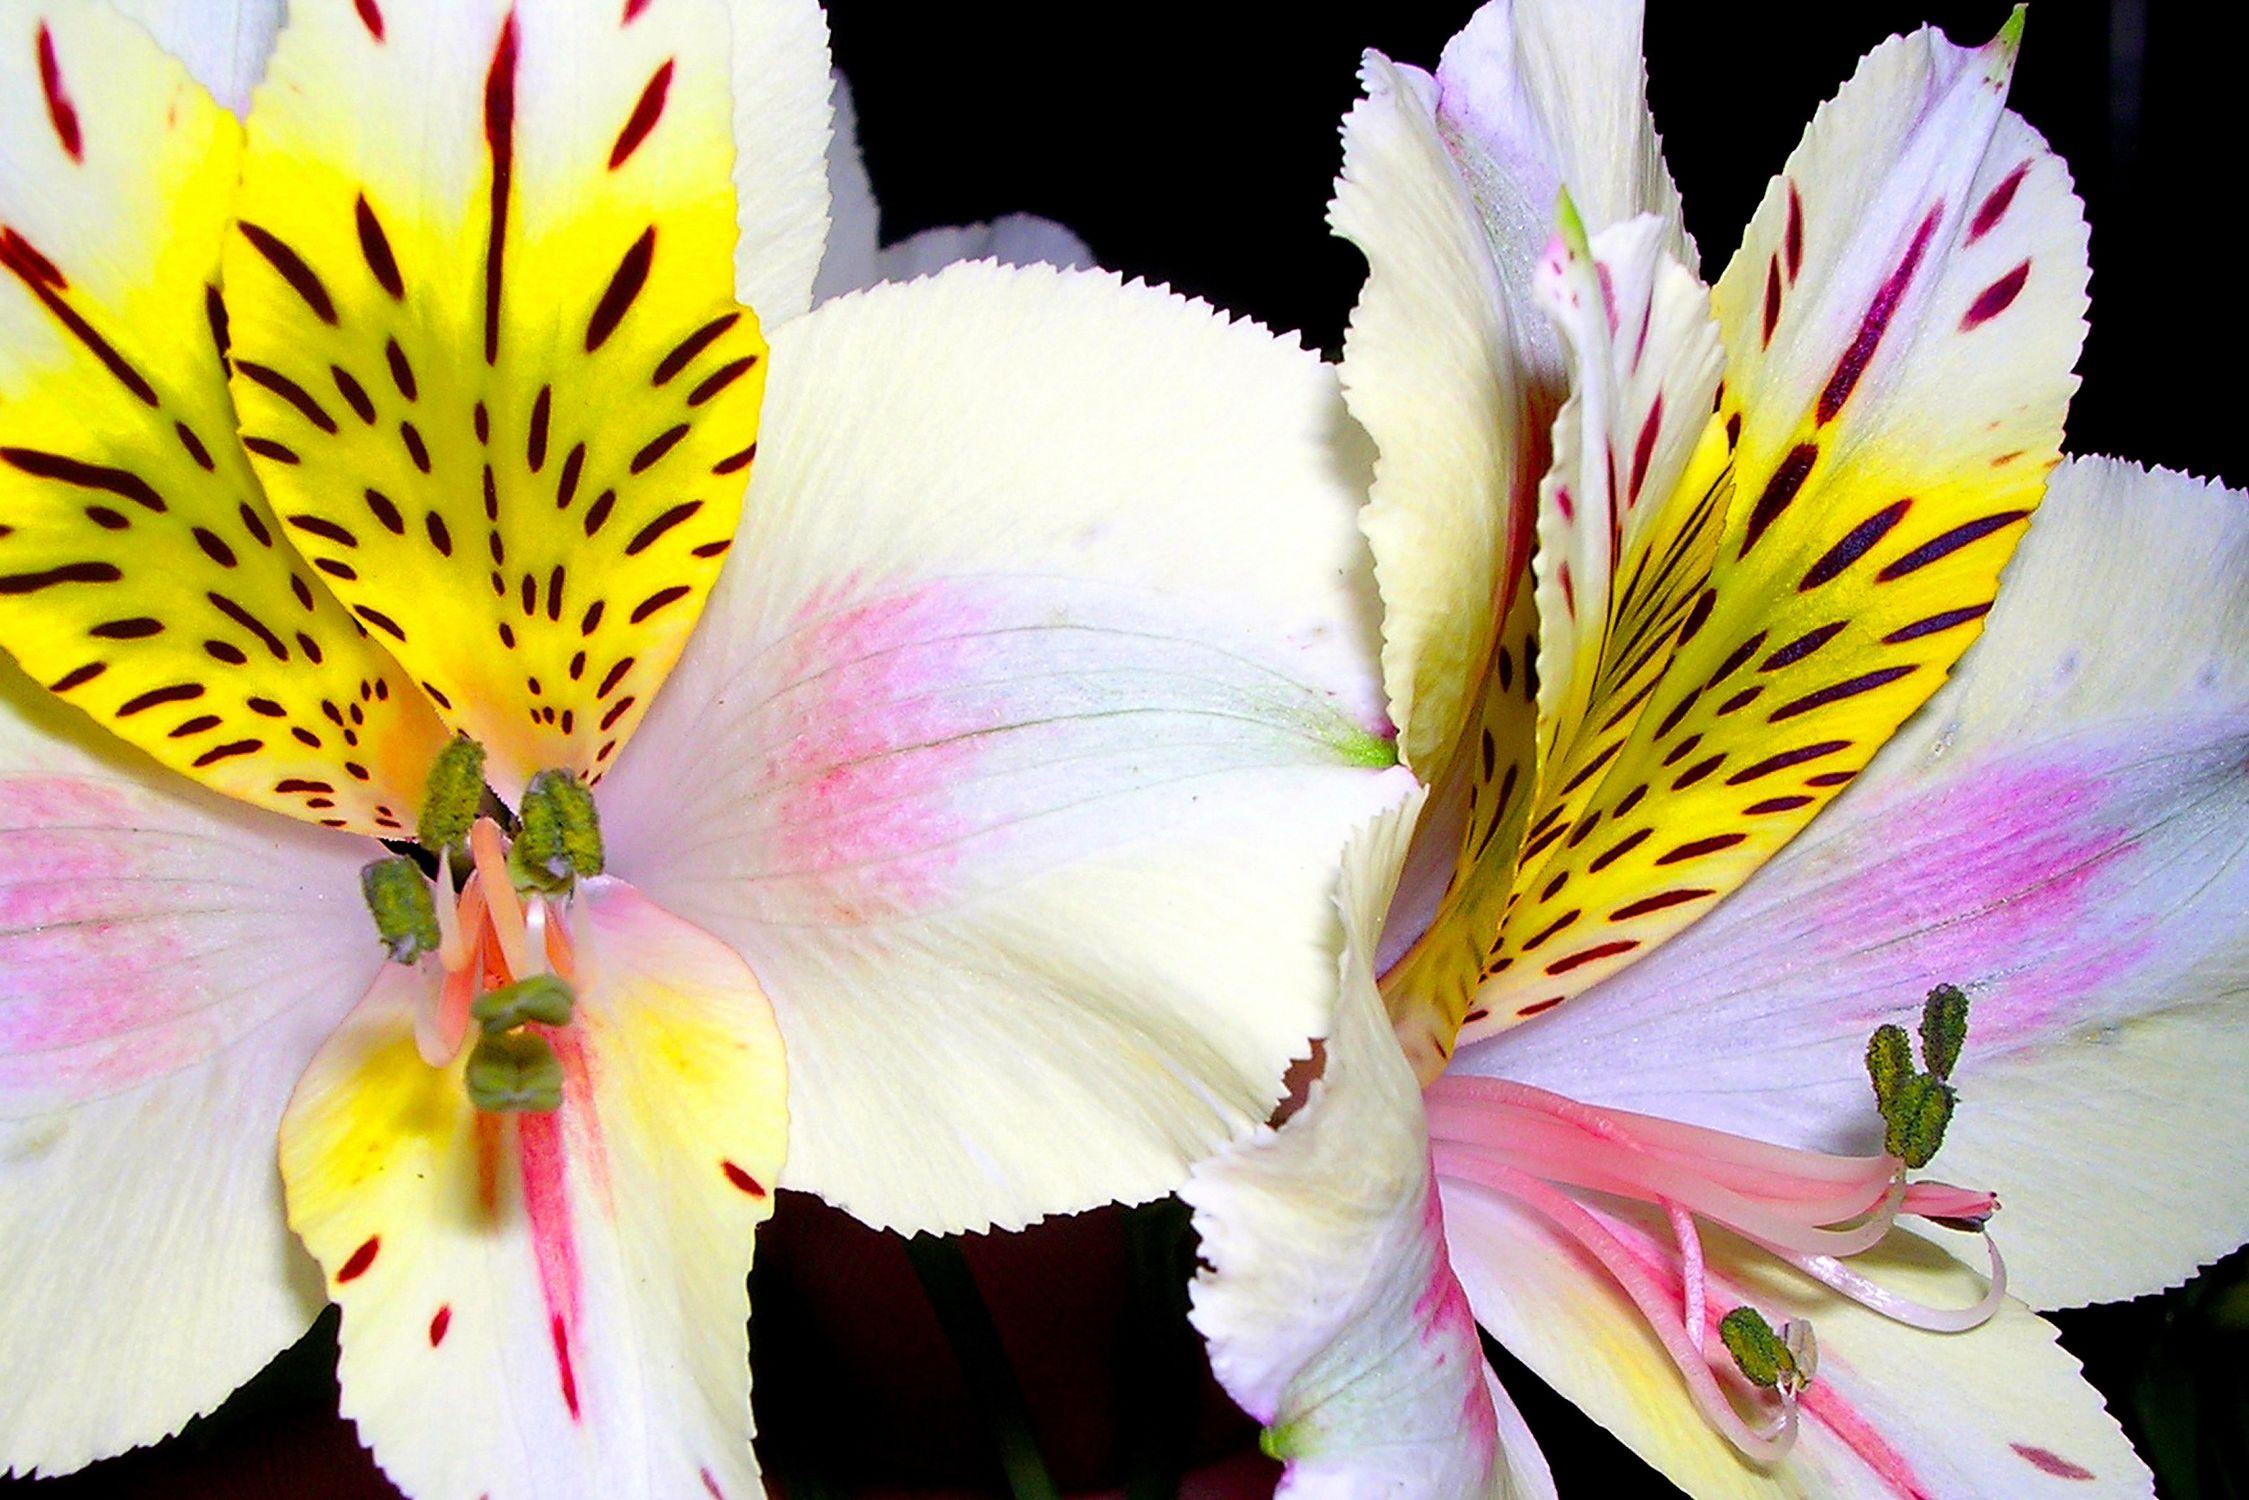 Bild mit Farben, Gelb, Natur, Pflanzen, Blumen, Weiß, Rosa, Orchideen, Orchidee, Orchid, Orchids, Orchideengewächse, Orchidaceae